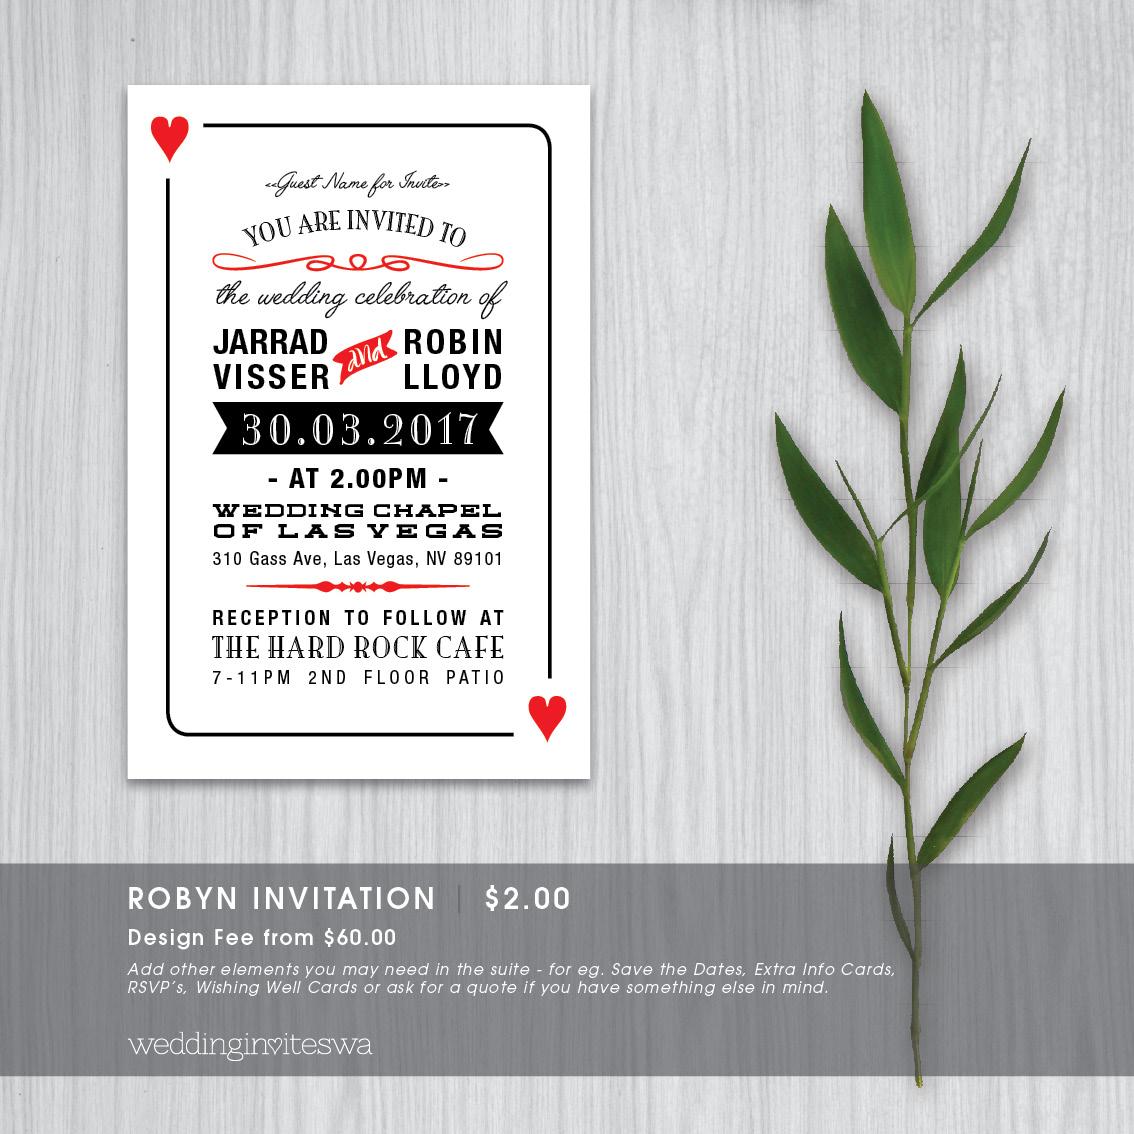 ROBYN_invite